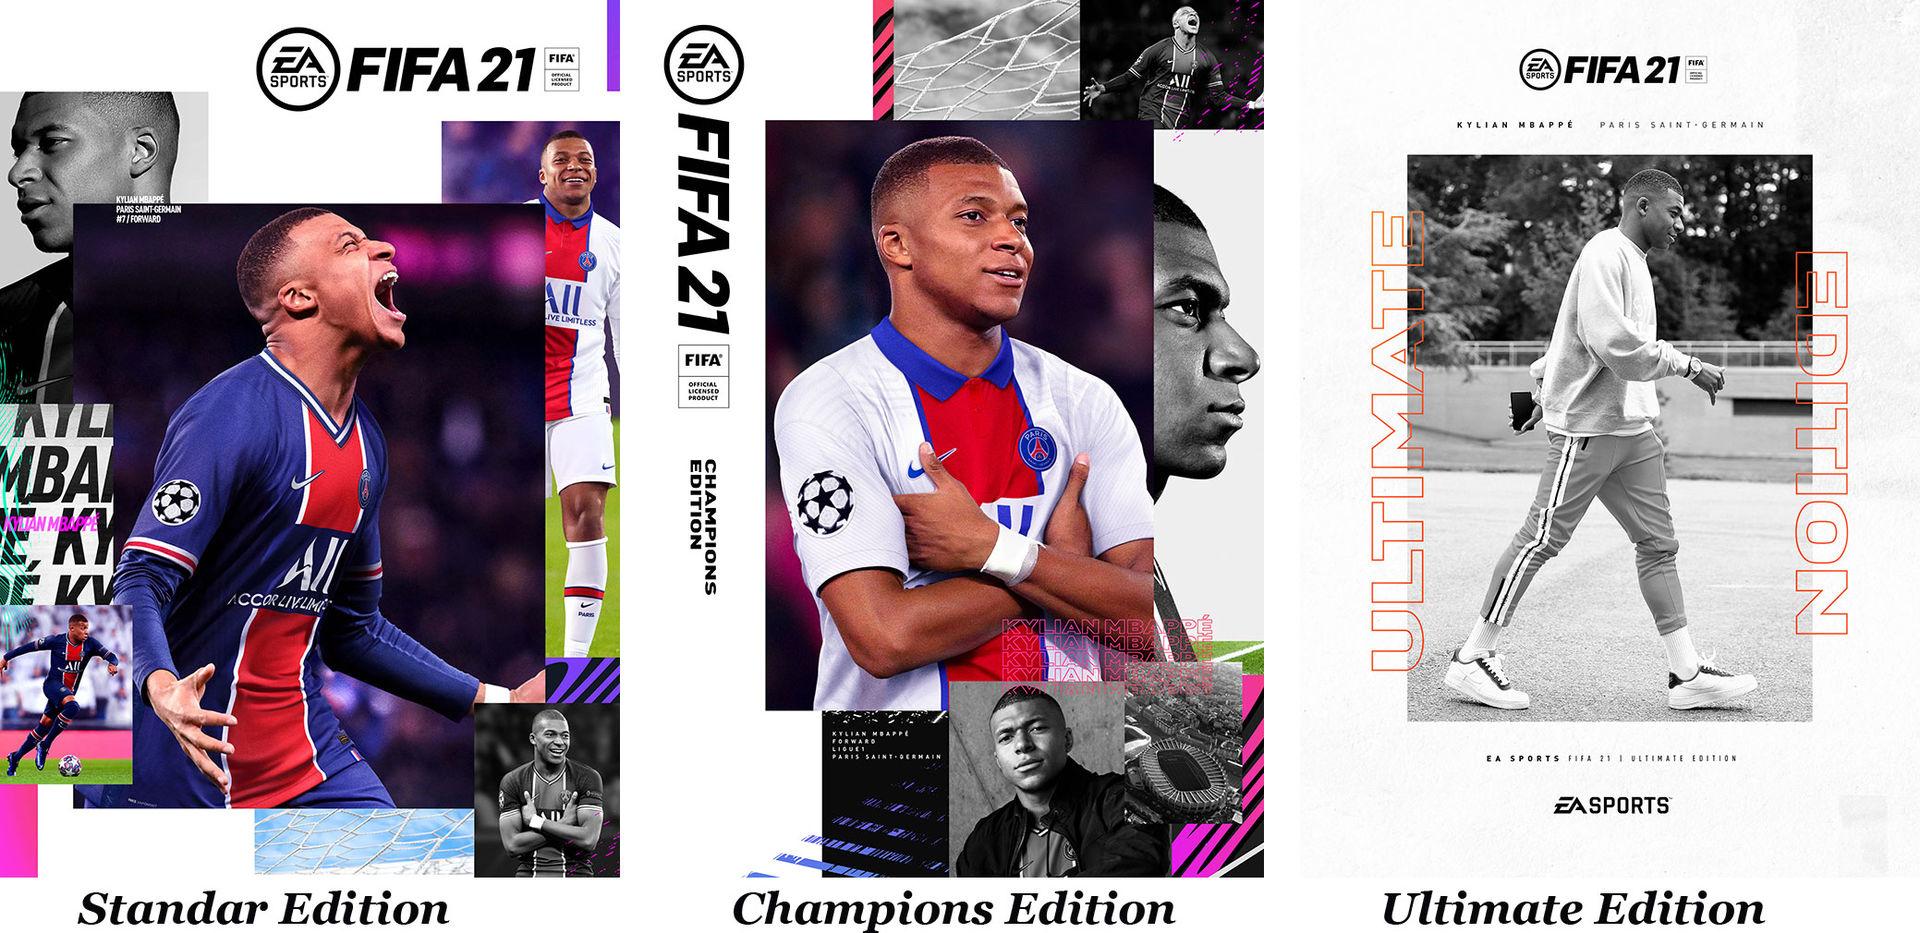 fifa21-mbappe-2.jpg